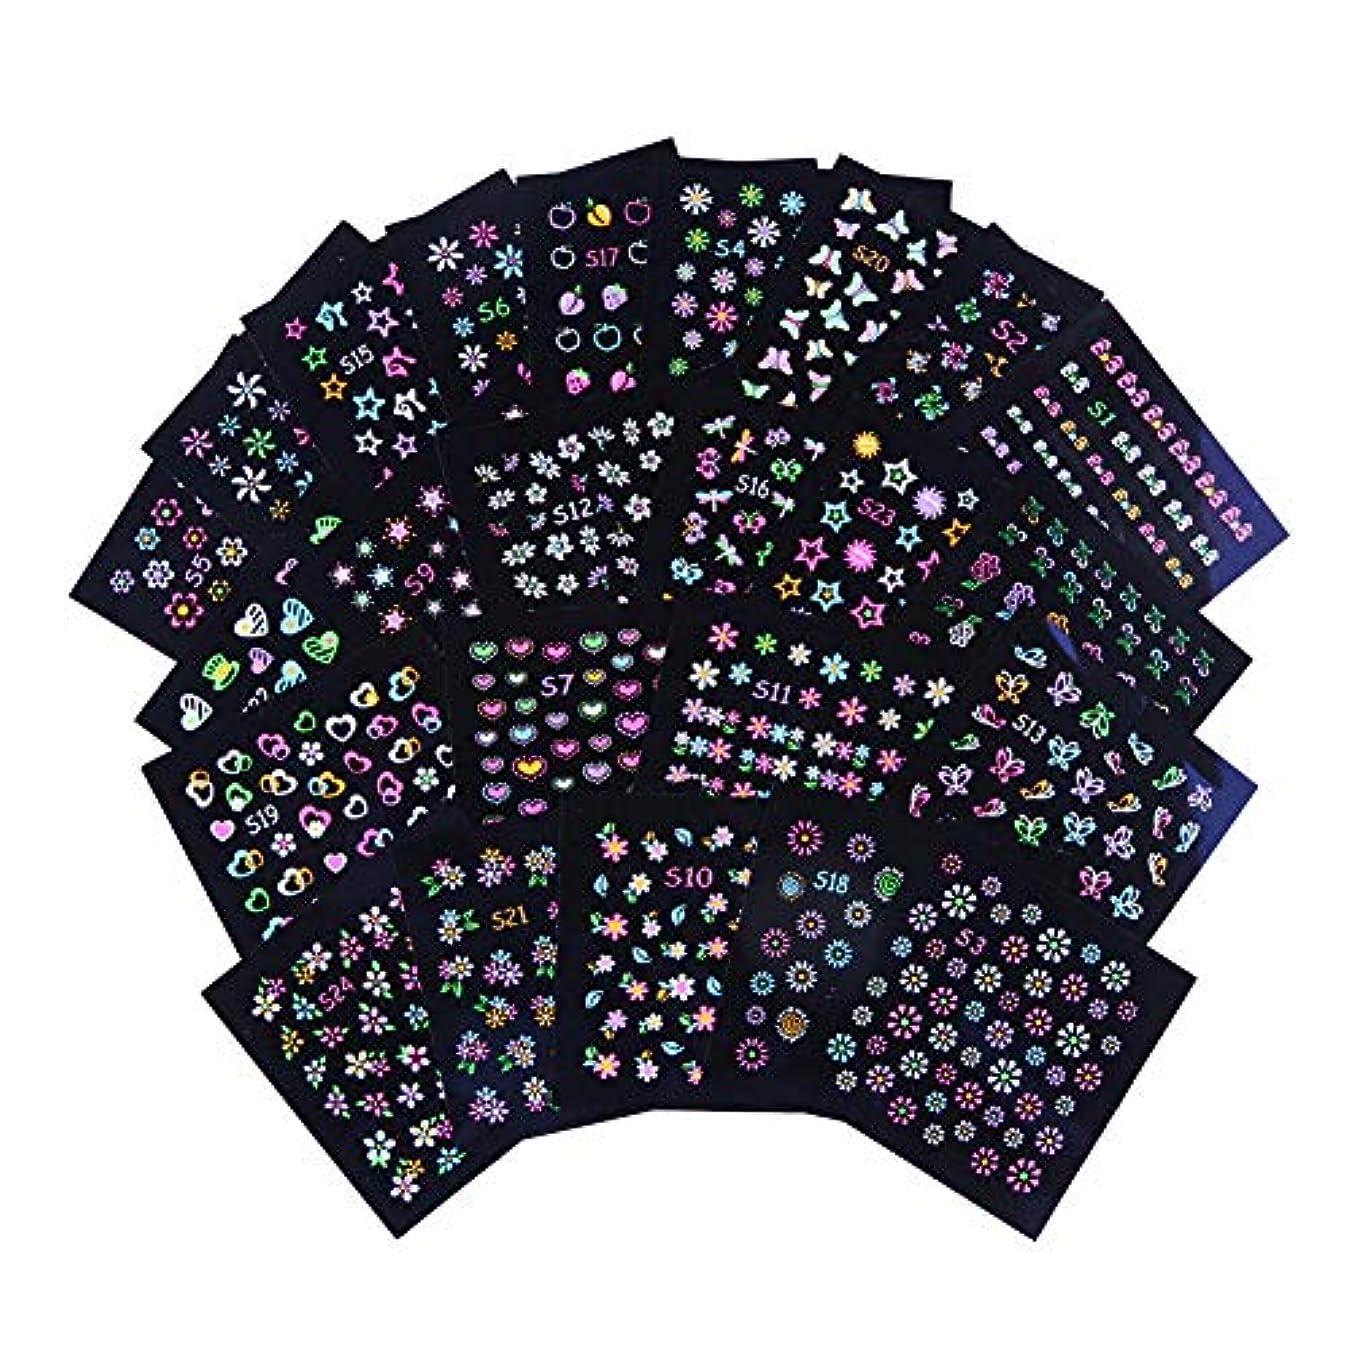 倍率円形歌Xiurues ネイルステッカー ネイルシール ネイルデコレーション 24枚 3Dネイルステッカー蛍光蝶の花びら かわいいネイルパーツ ファッションネイルスパンコール ネイルシェル 環境保護は爪を傷つけません ネイルアートパーツ